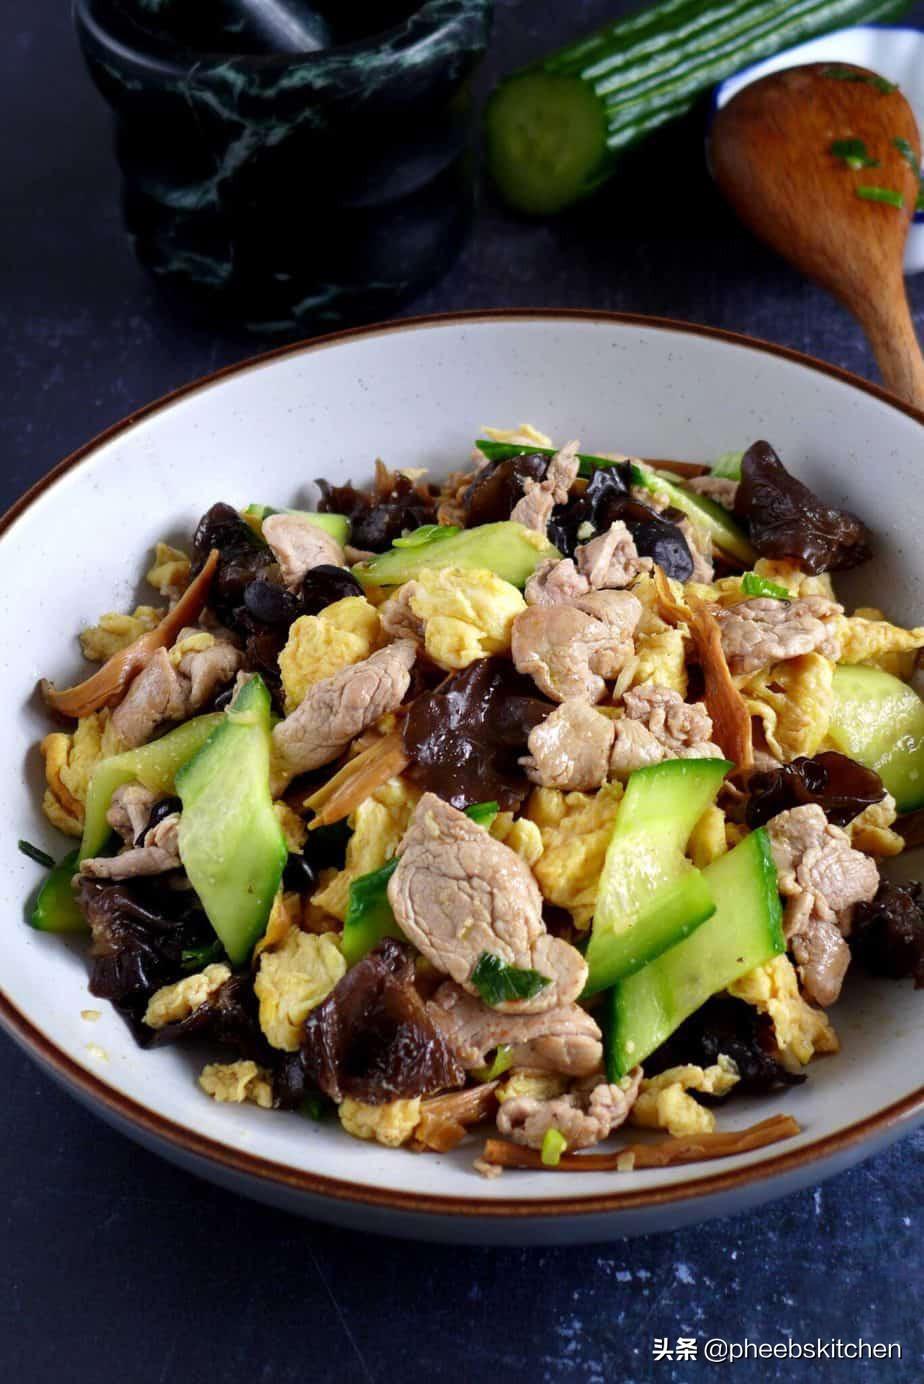 山东传统菜木须肉,营养丰富,很适合老人和孩子,家常做法 美食做法 第1张